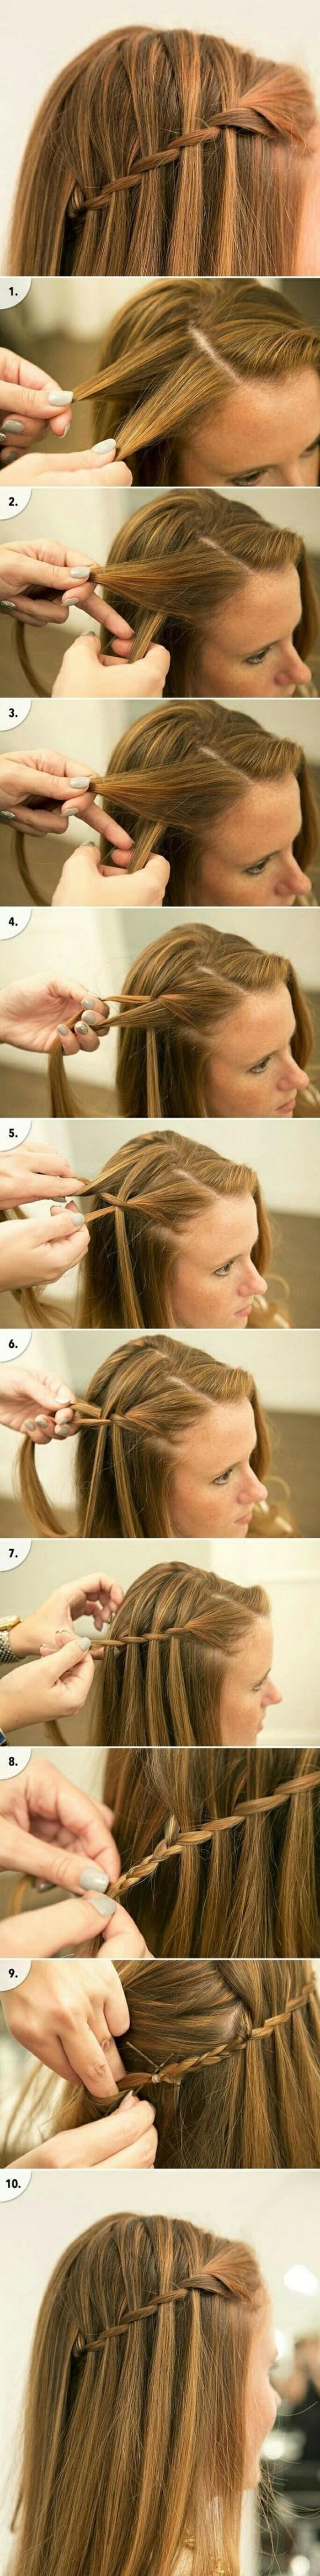 mittellange-frisuren-glatte-haare-zopf-frisur-selber-machen